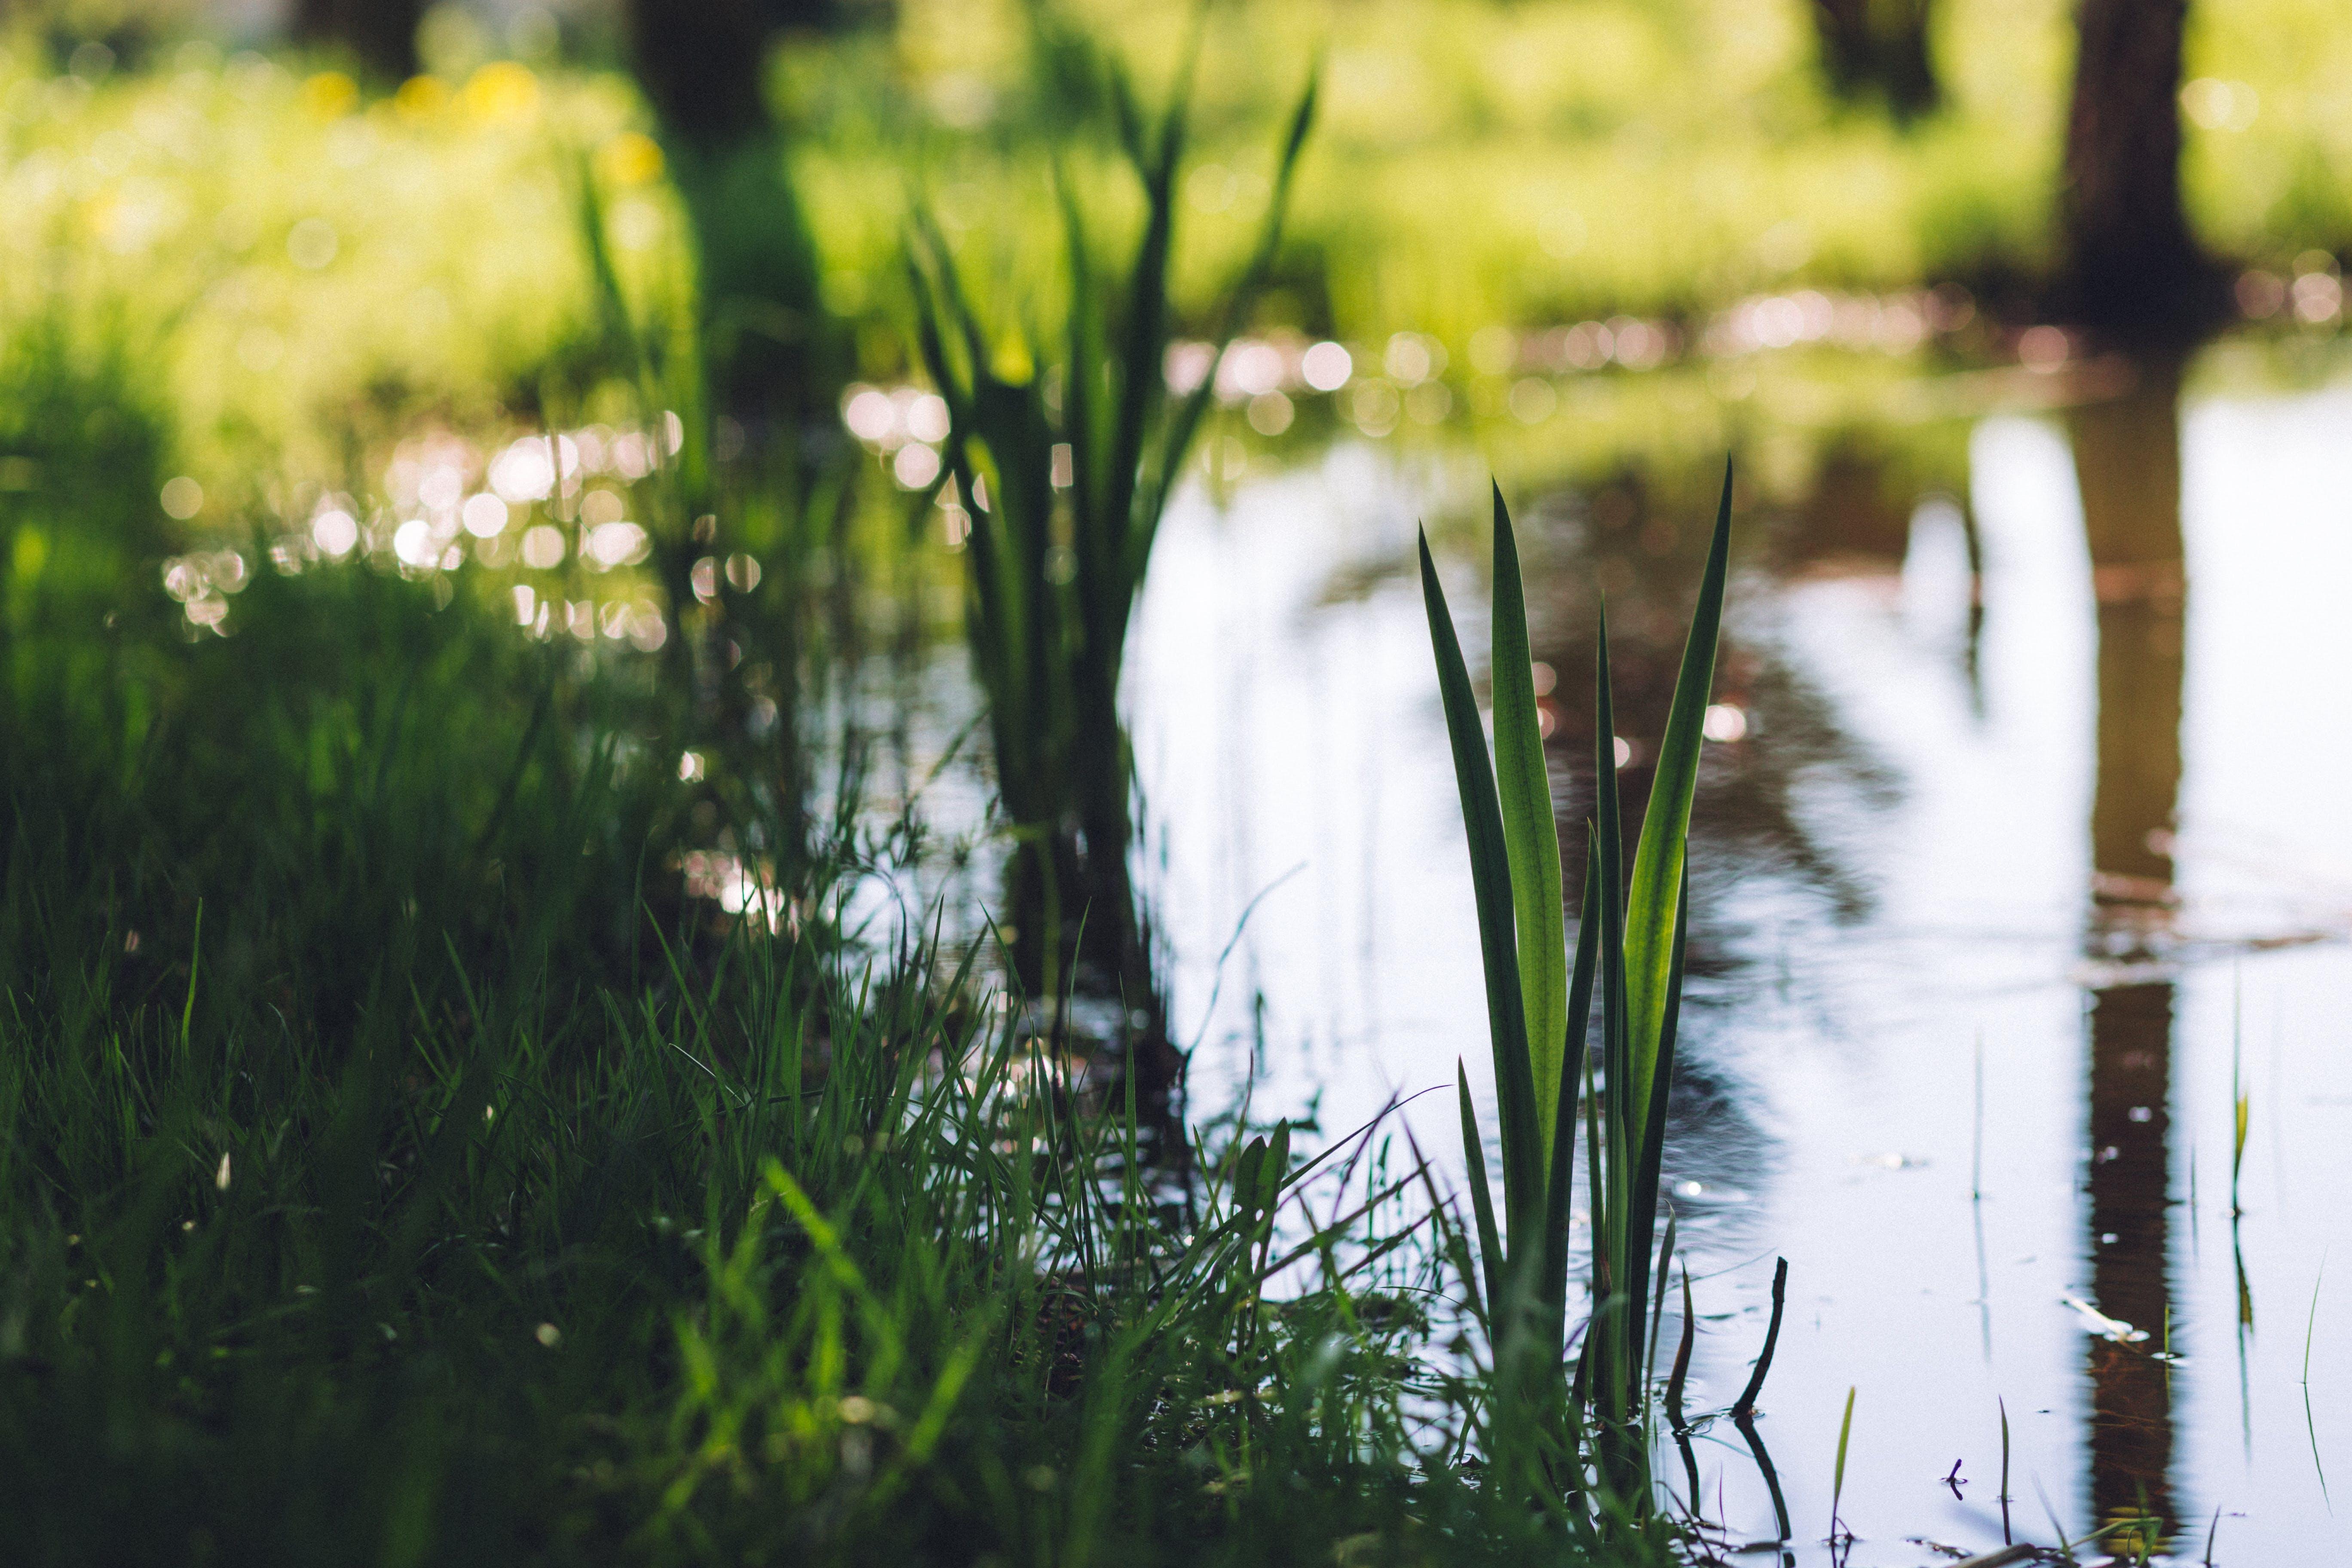 bulanıklık, büyüme, çim, konsantre olmak içeren Ücretsiz stok fotoğraf